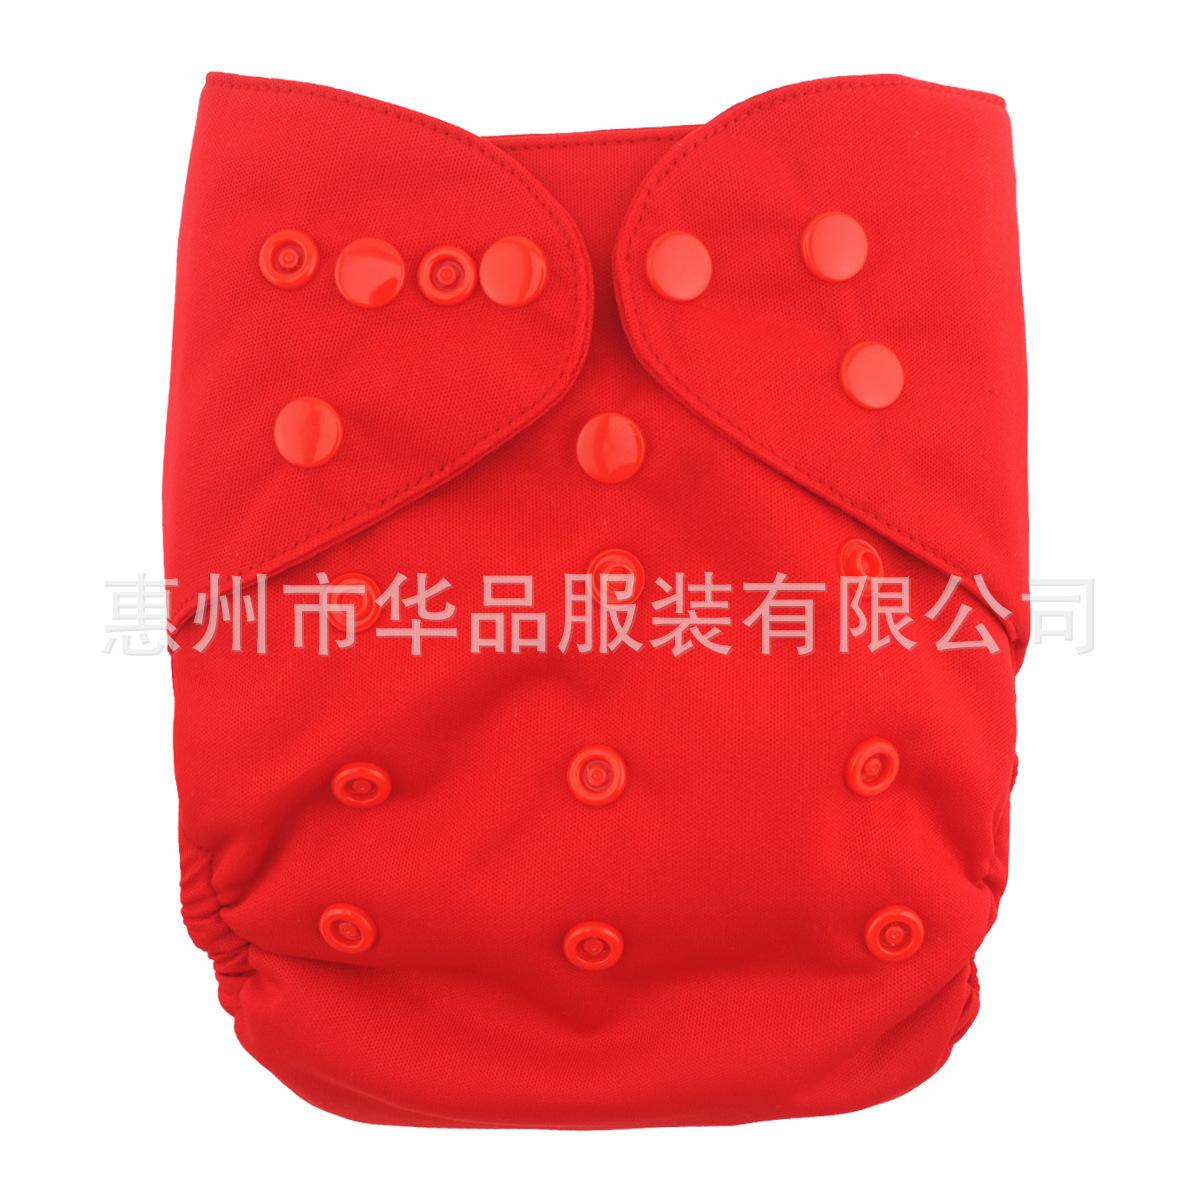 2015款防漏均码婴儿尿裤罩 宝宝透气防水可洗可调节布尿裤